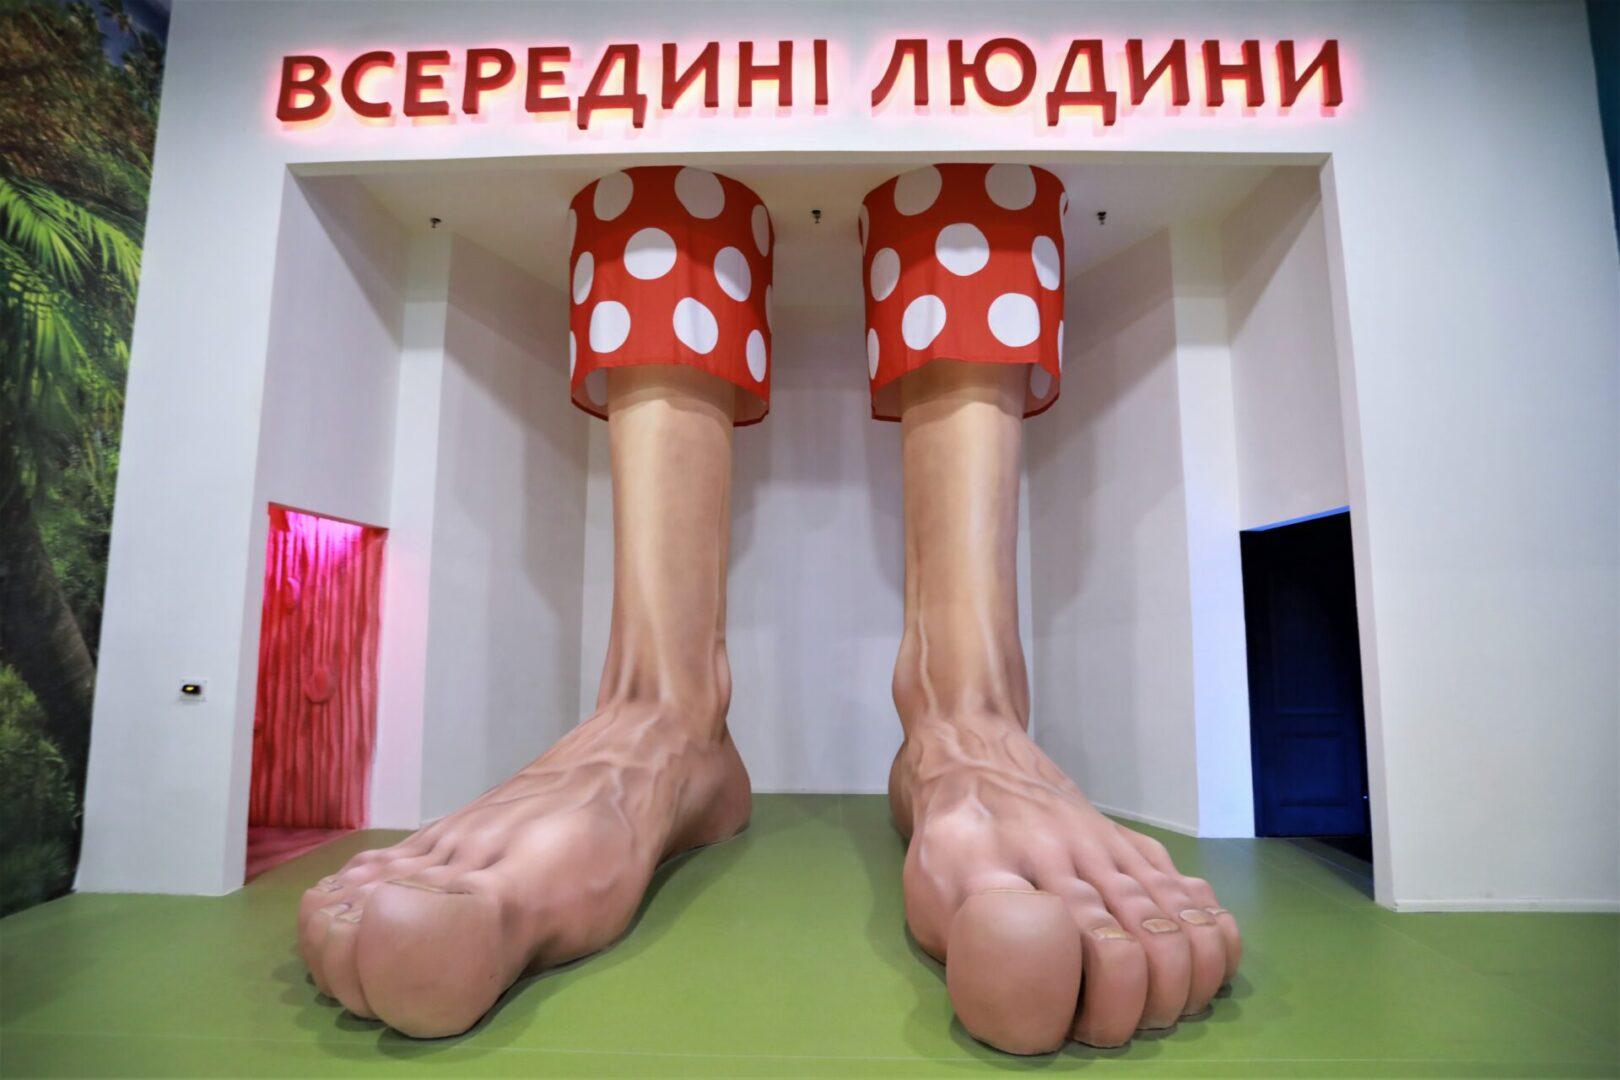 Художественное оформление аттракциона «Внутри человека» в парке развлечений «Galaxy» ноги передний план